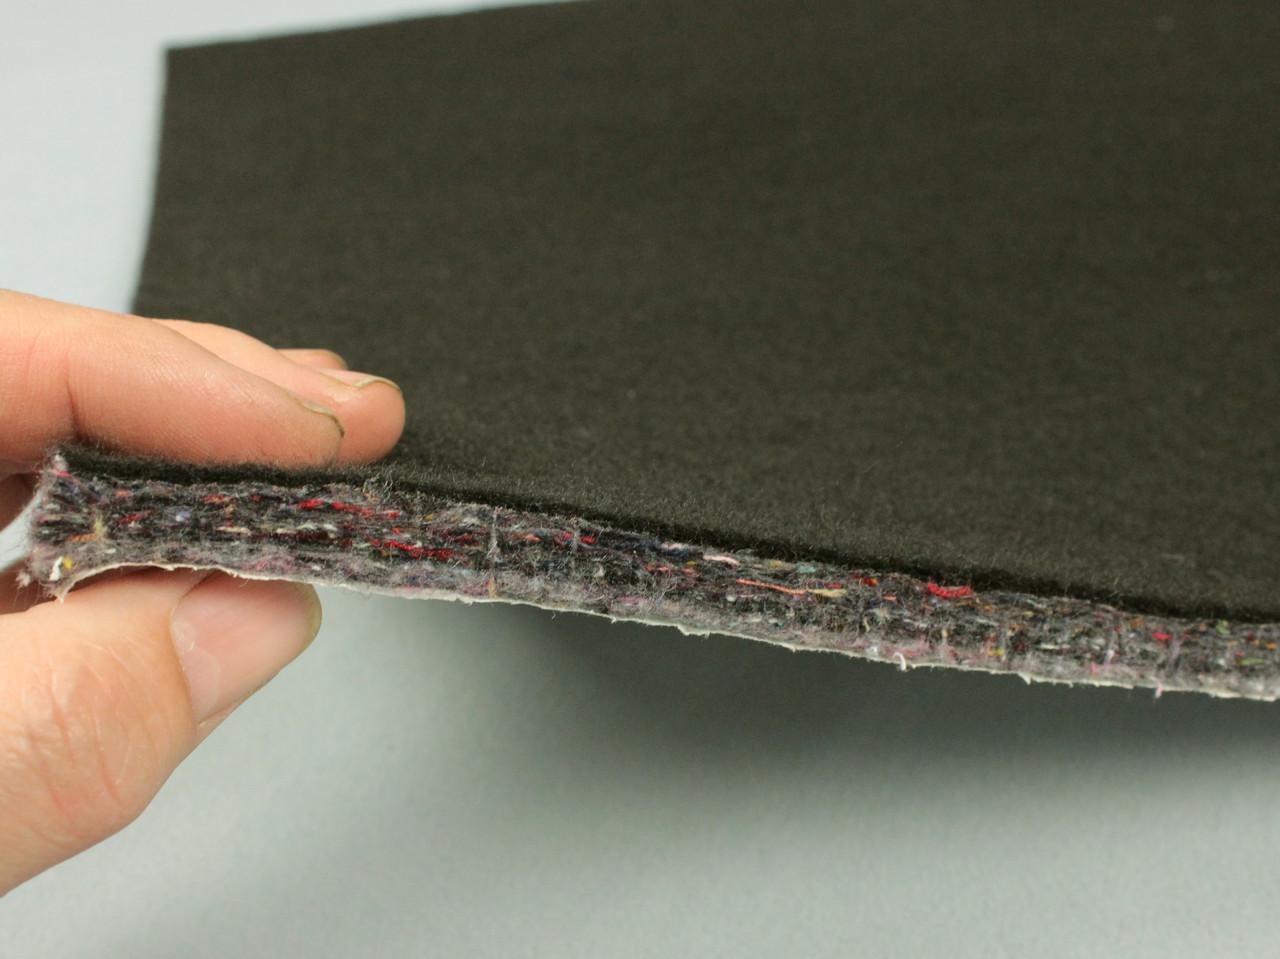 Шумо-звукоізоляція повстяна НВ-10К, ламінована нетканкой, 50х75 см, товщина 1 см, самоклейка